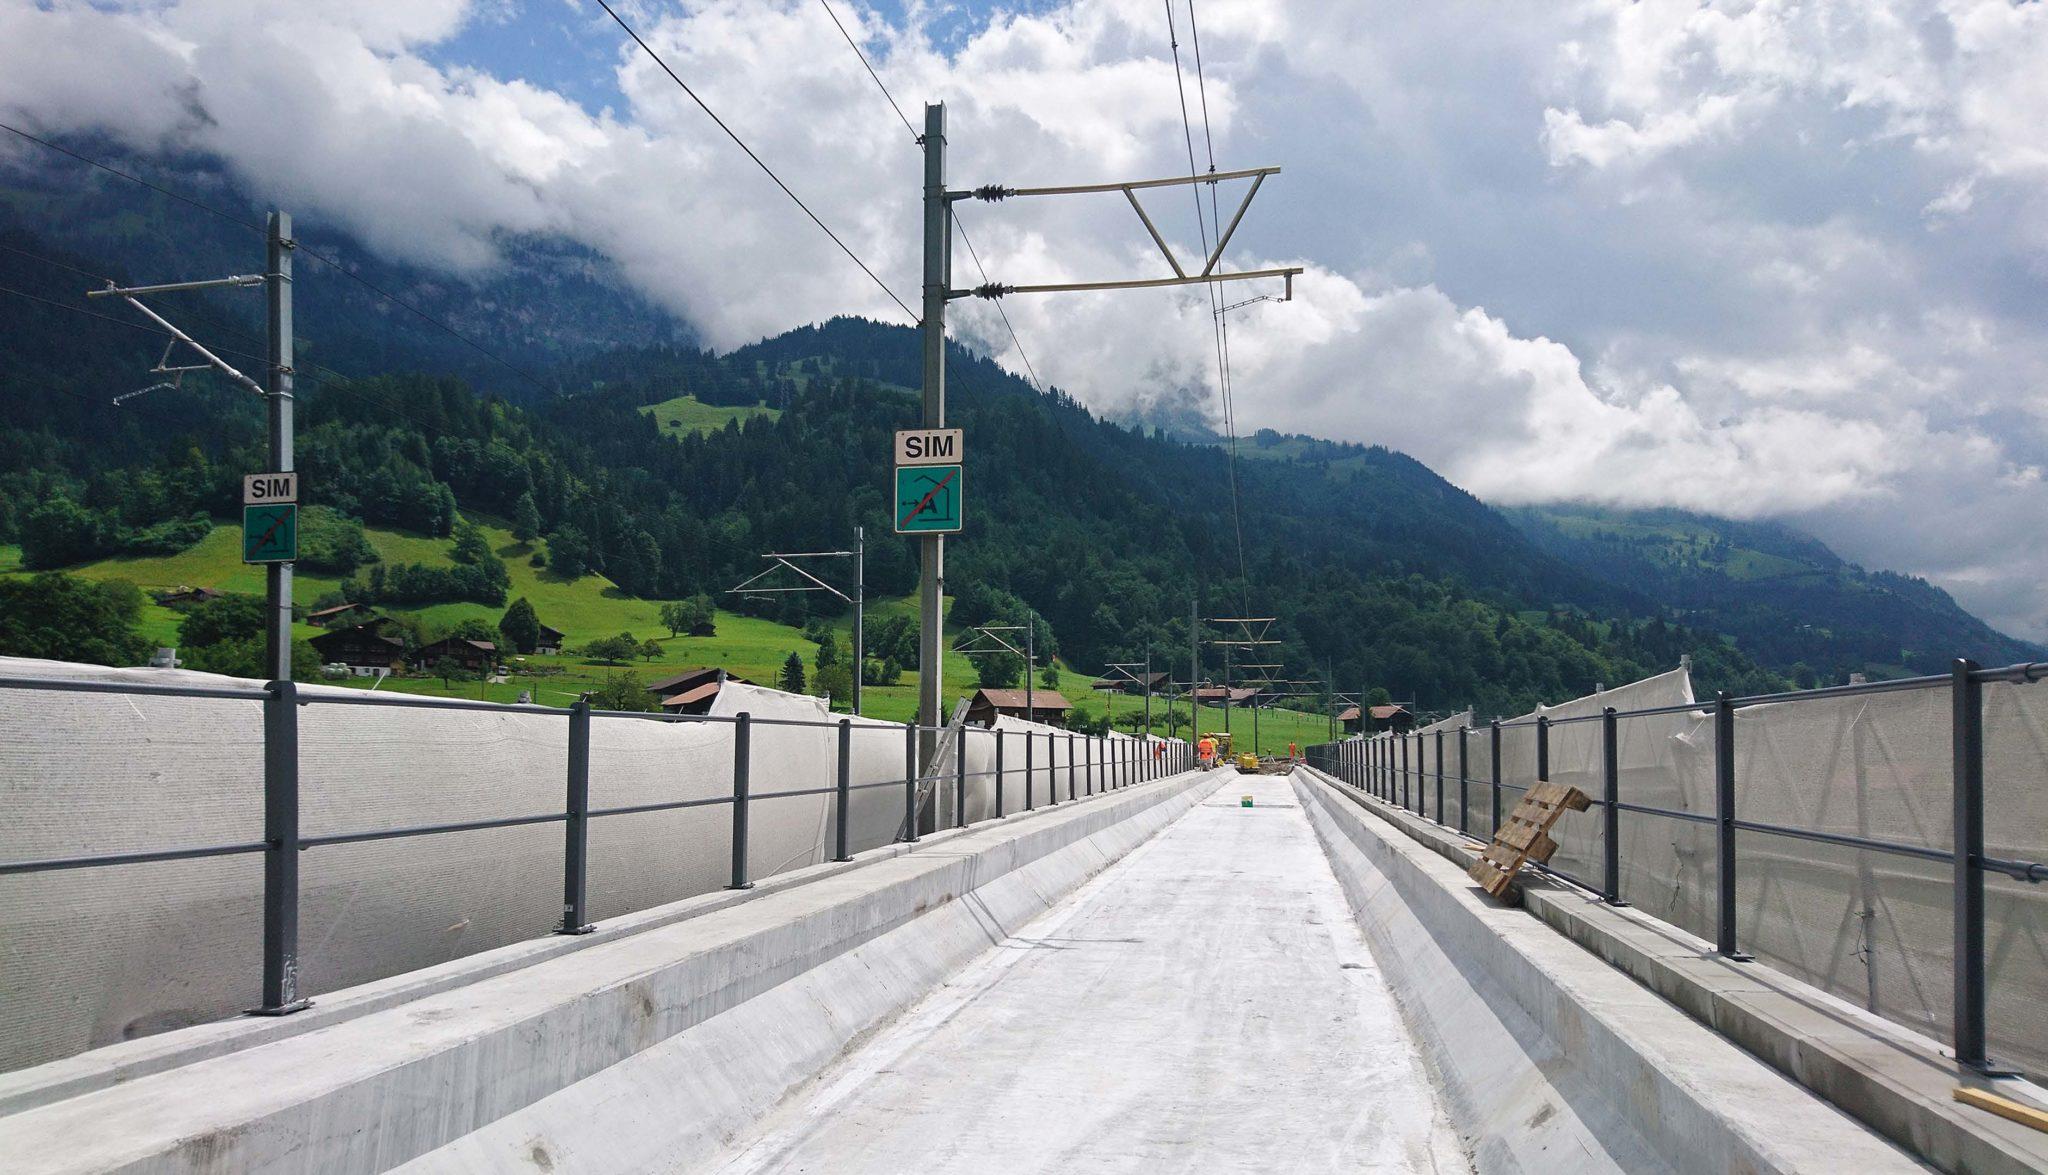 Case Study: Kander Viaduct, Switzerland